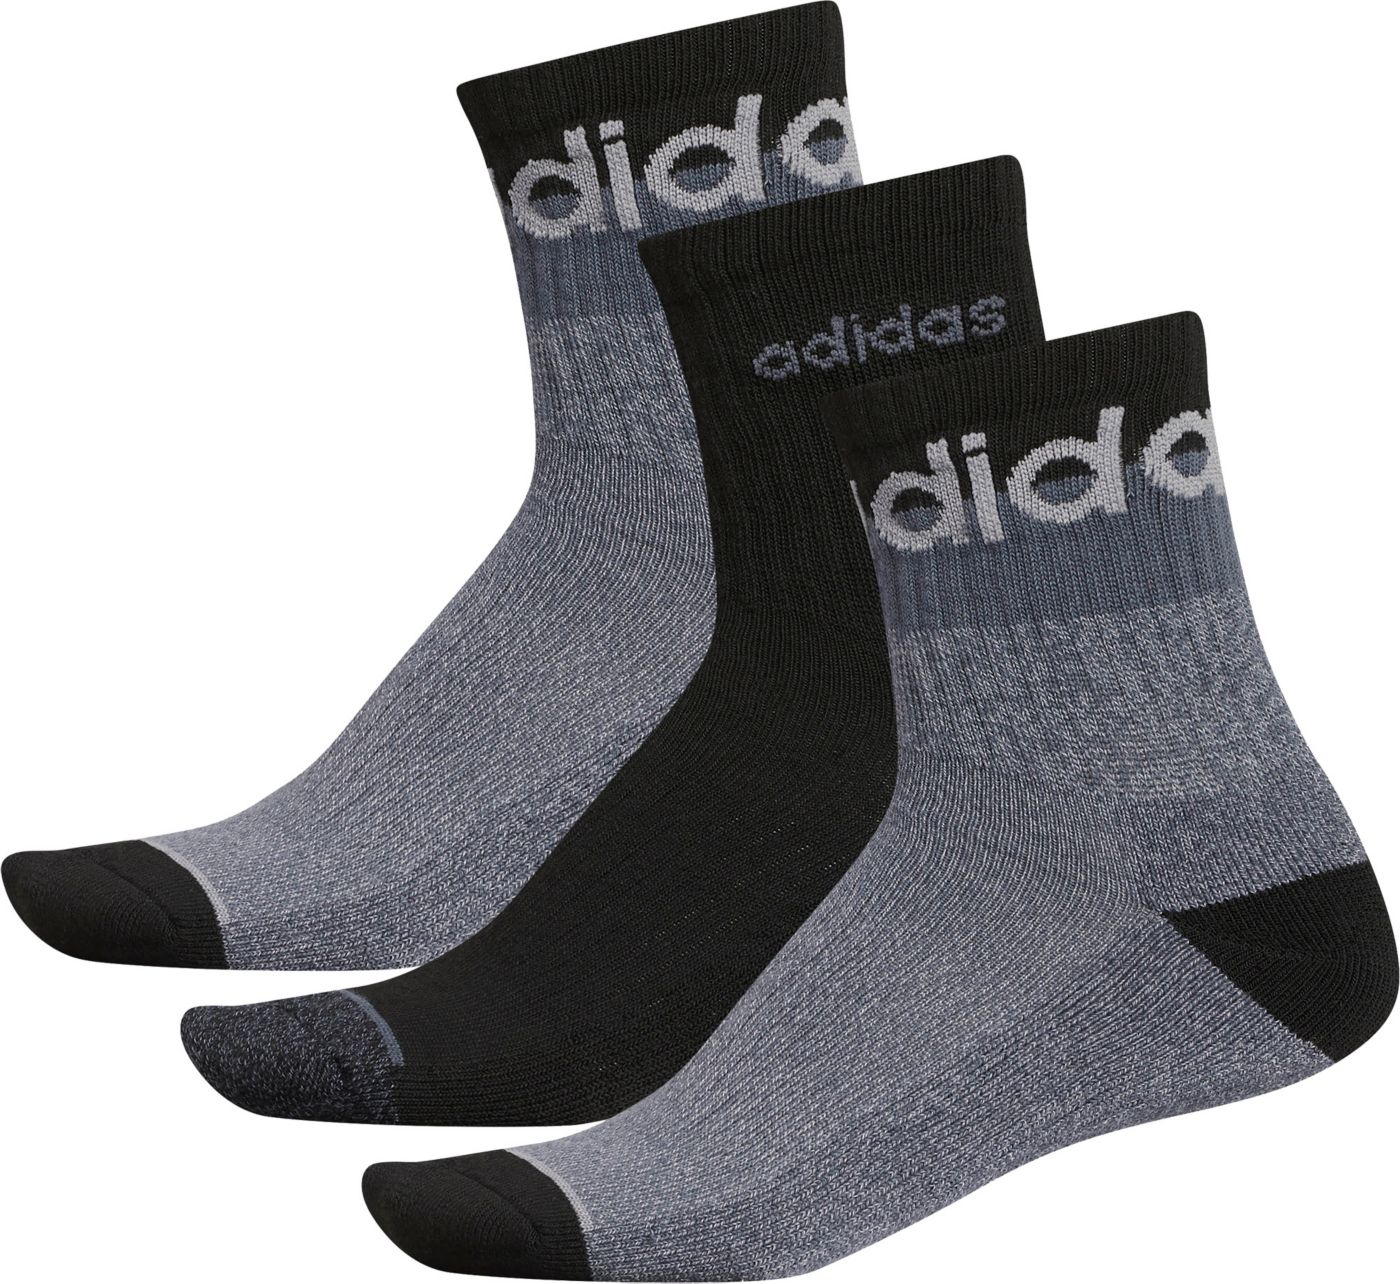 adidas Men's 3 Stripe High Quarter Socks 3 Pack